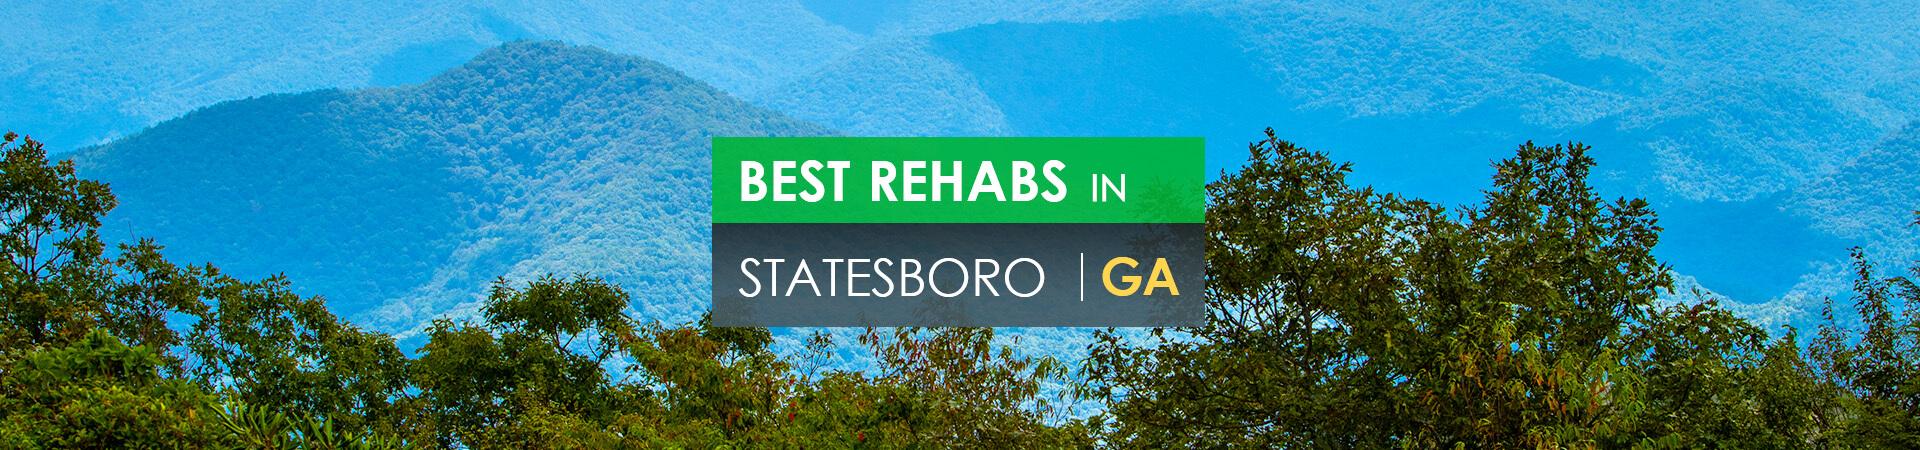 Best rehabs in Statesboro, GA